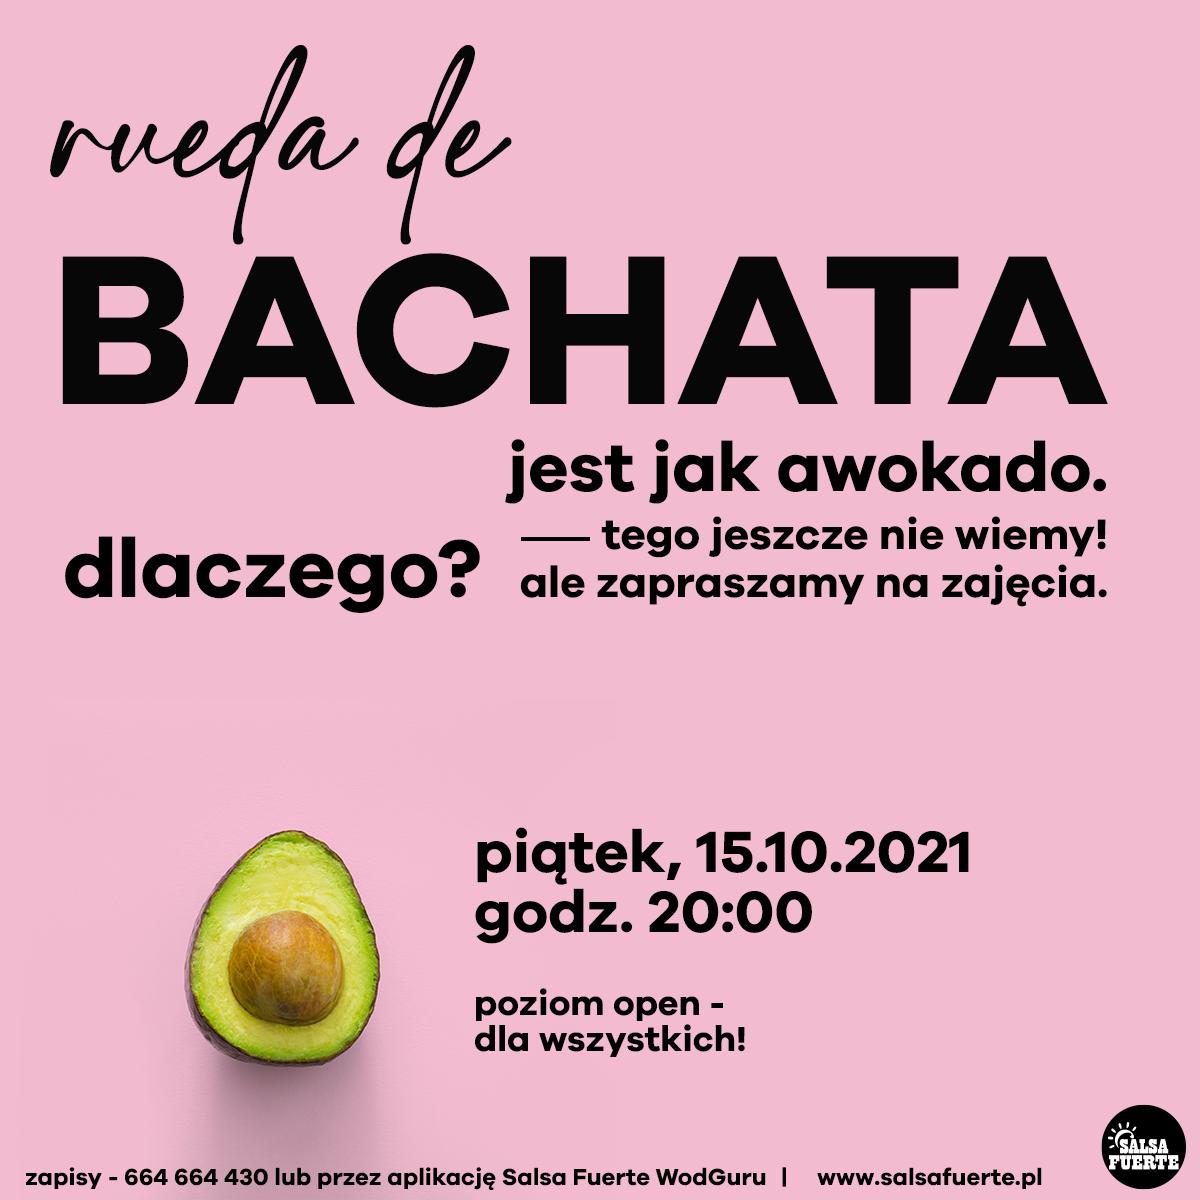 rueda-de-bachata-avocado